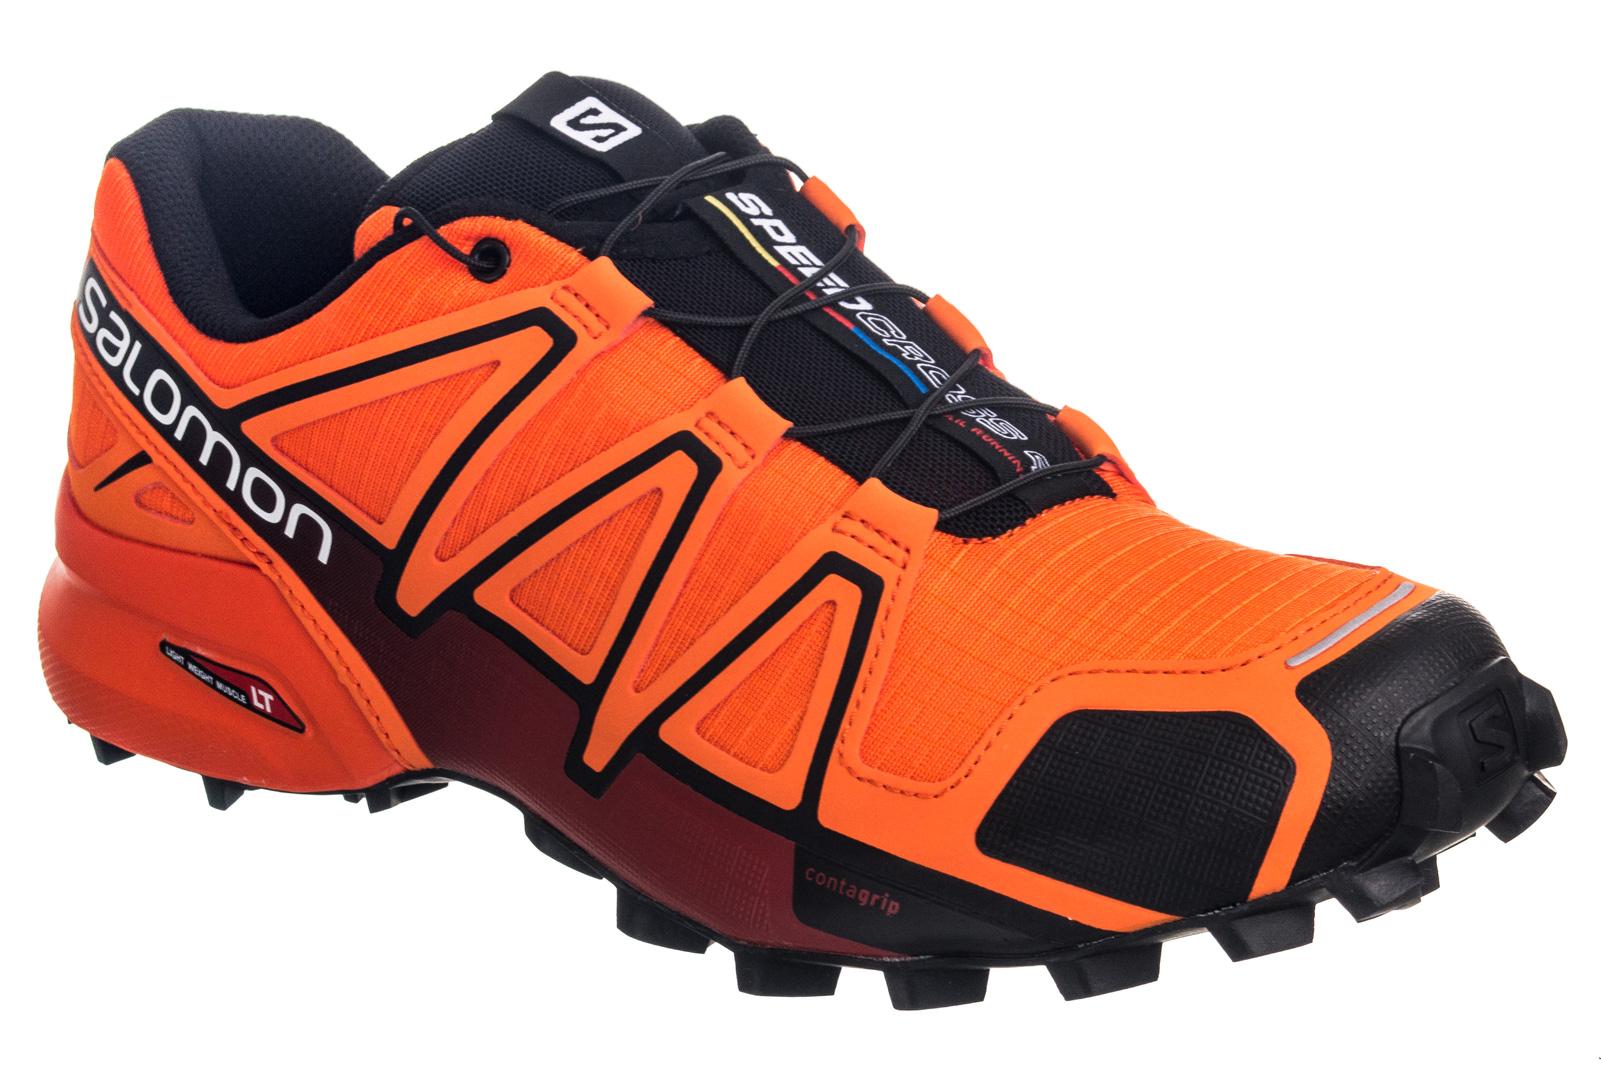 f11c0857101 Zapatillas Salomon SPEEDCROSS 4 para Hombre Orange | Alltricks.es